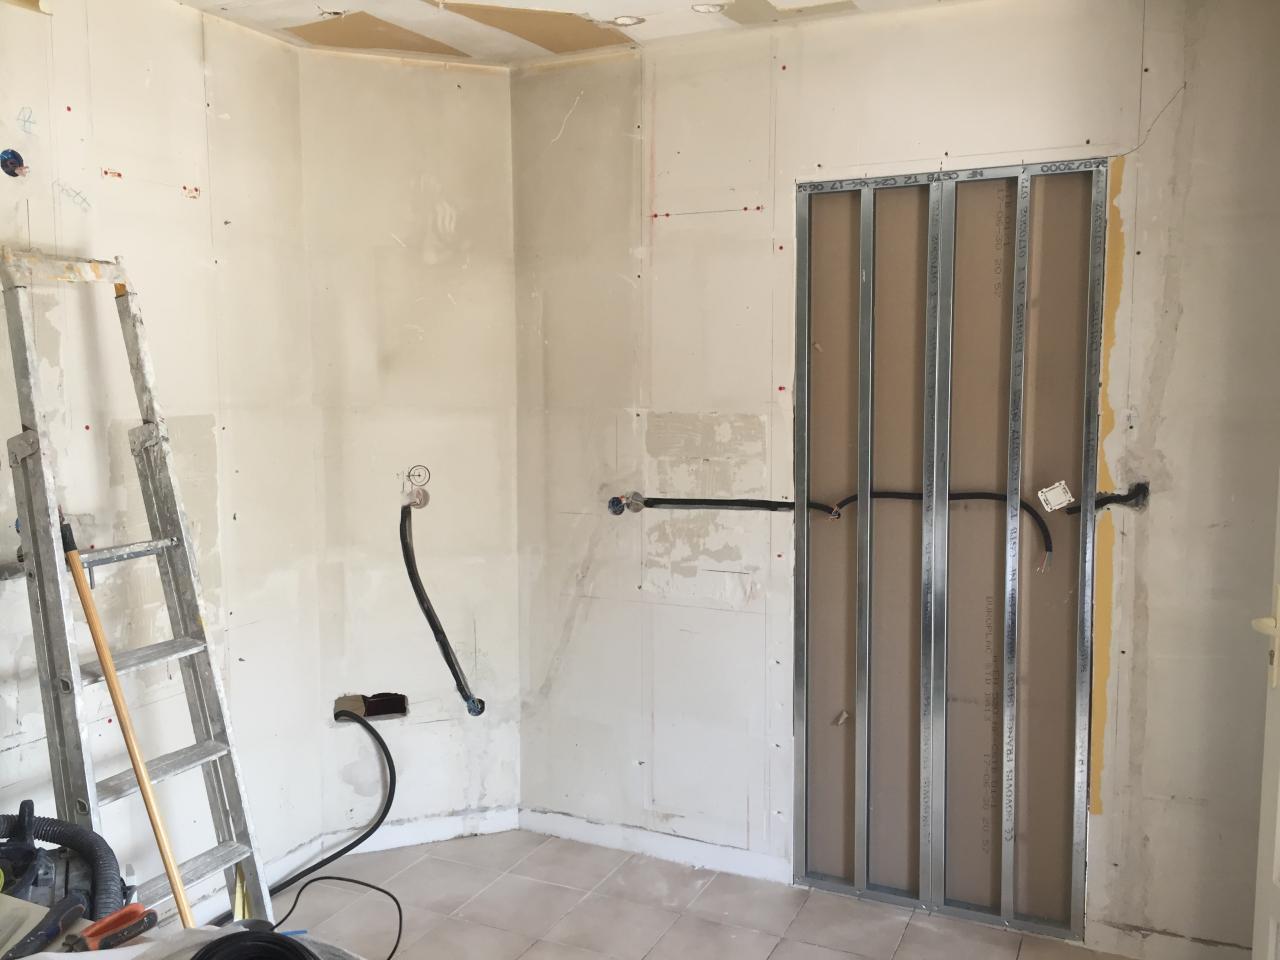 réalisation de la fermeture de la porte d'entrée cuisine